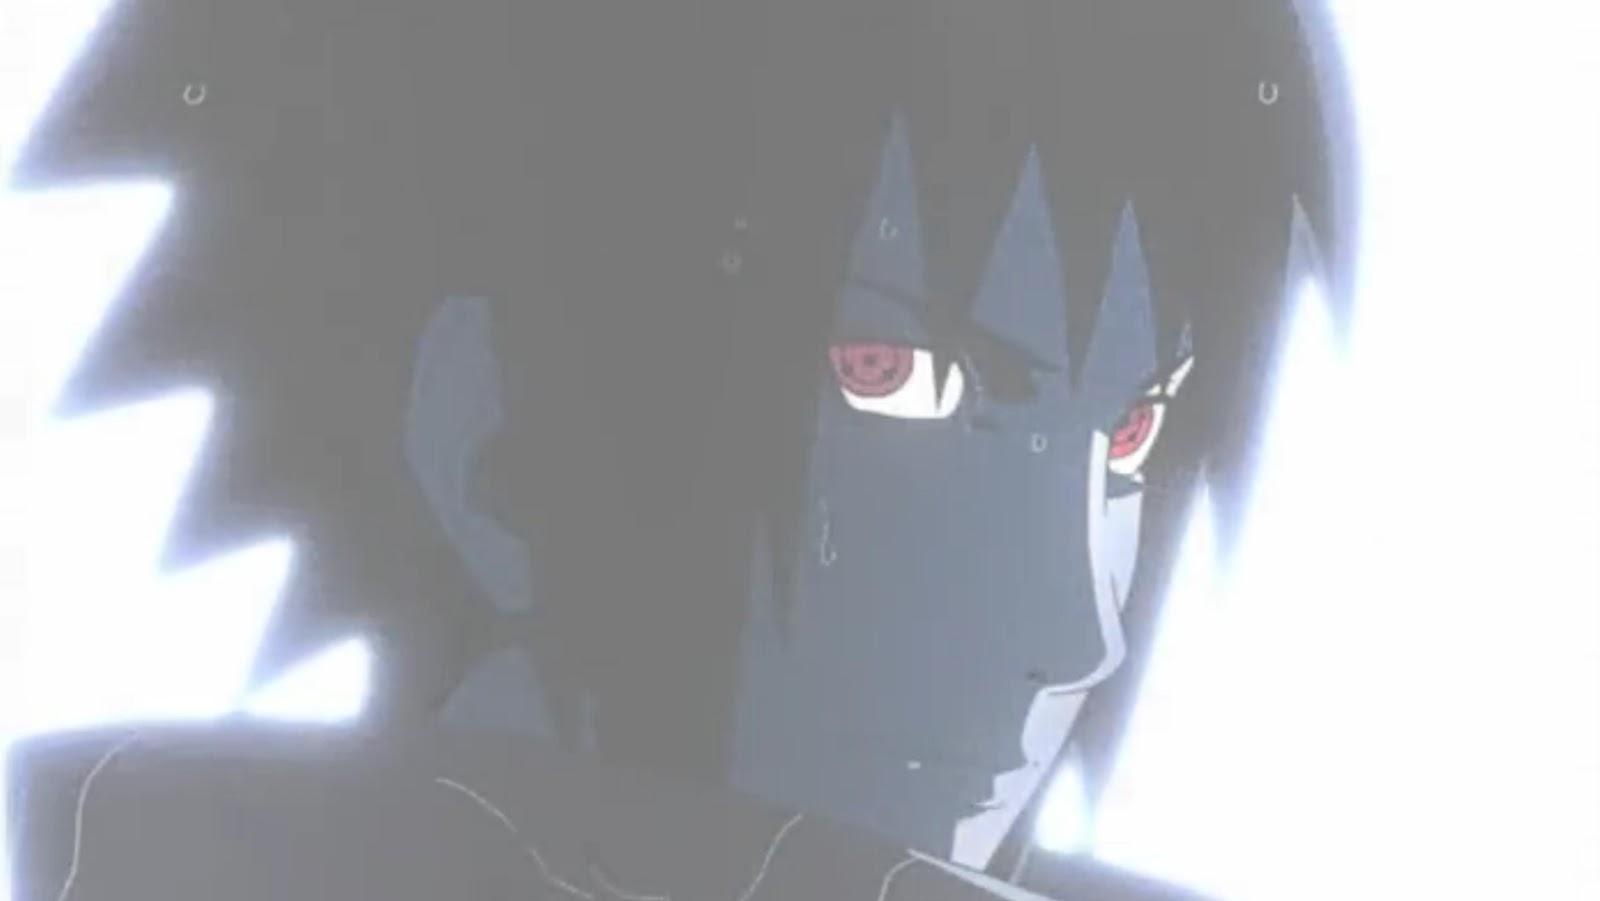 Naruto Shippuden Episódio 330, Assistir Naruto Shippuden Episódio 330, Assistir Naruto Shippuden Todos os Episódios Legendado, Naruto Shippuden episódio 330,HD